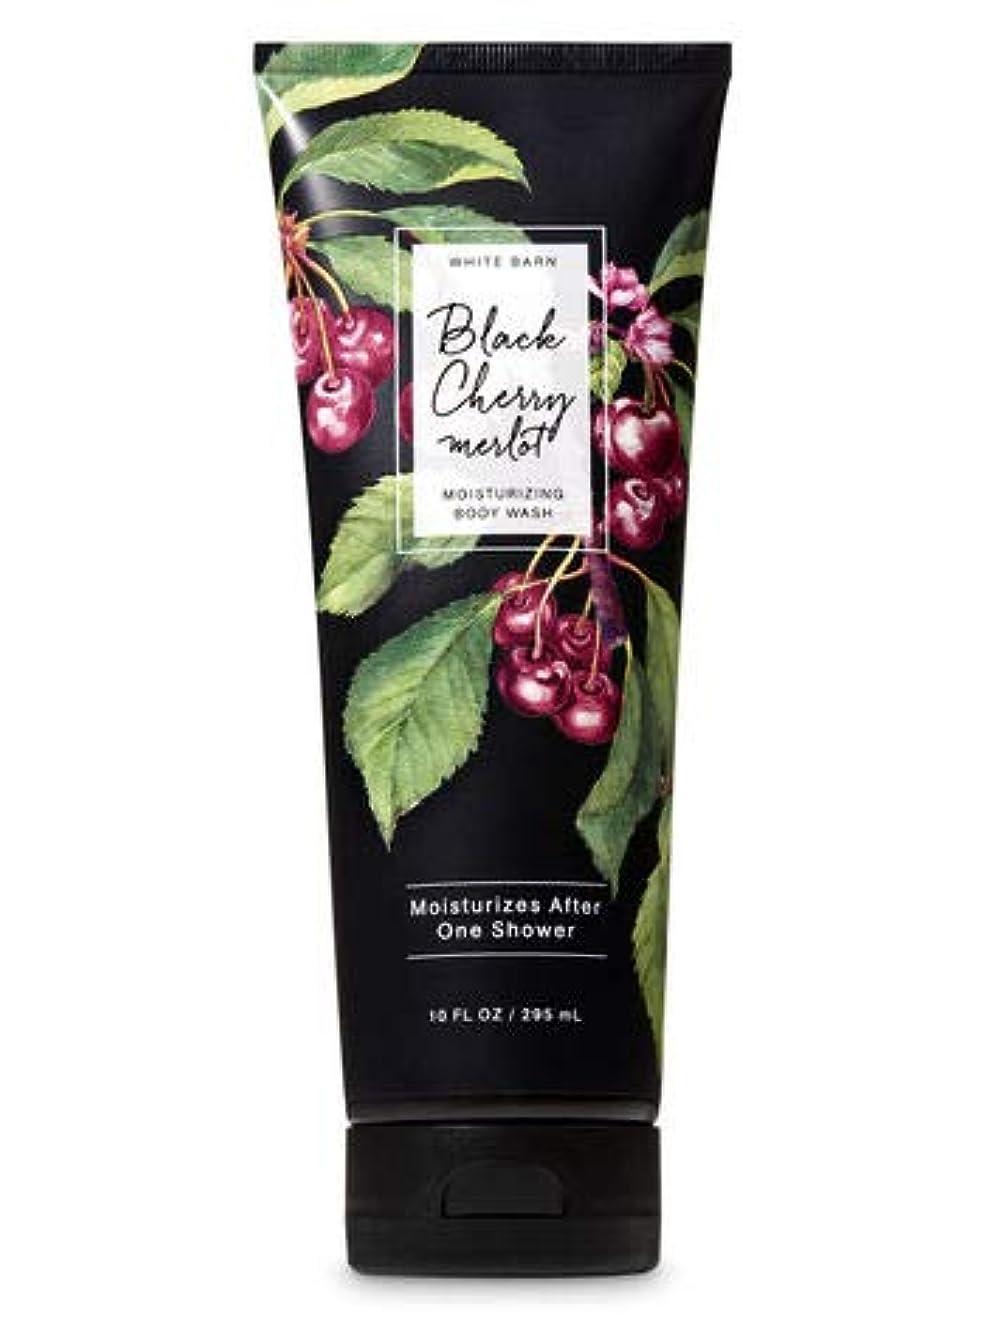 織るシャベル音声学【Bath&Body Works/バス&ボディワークス】 モイスチャライジングボディウォッシュ ブラックチェリーメルロー Moisturizing Body Wash Black Cherry Merlot 10 fl oz / 295 mL [並行輸入品]